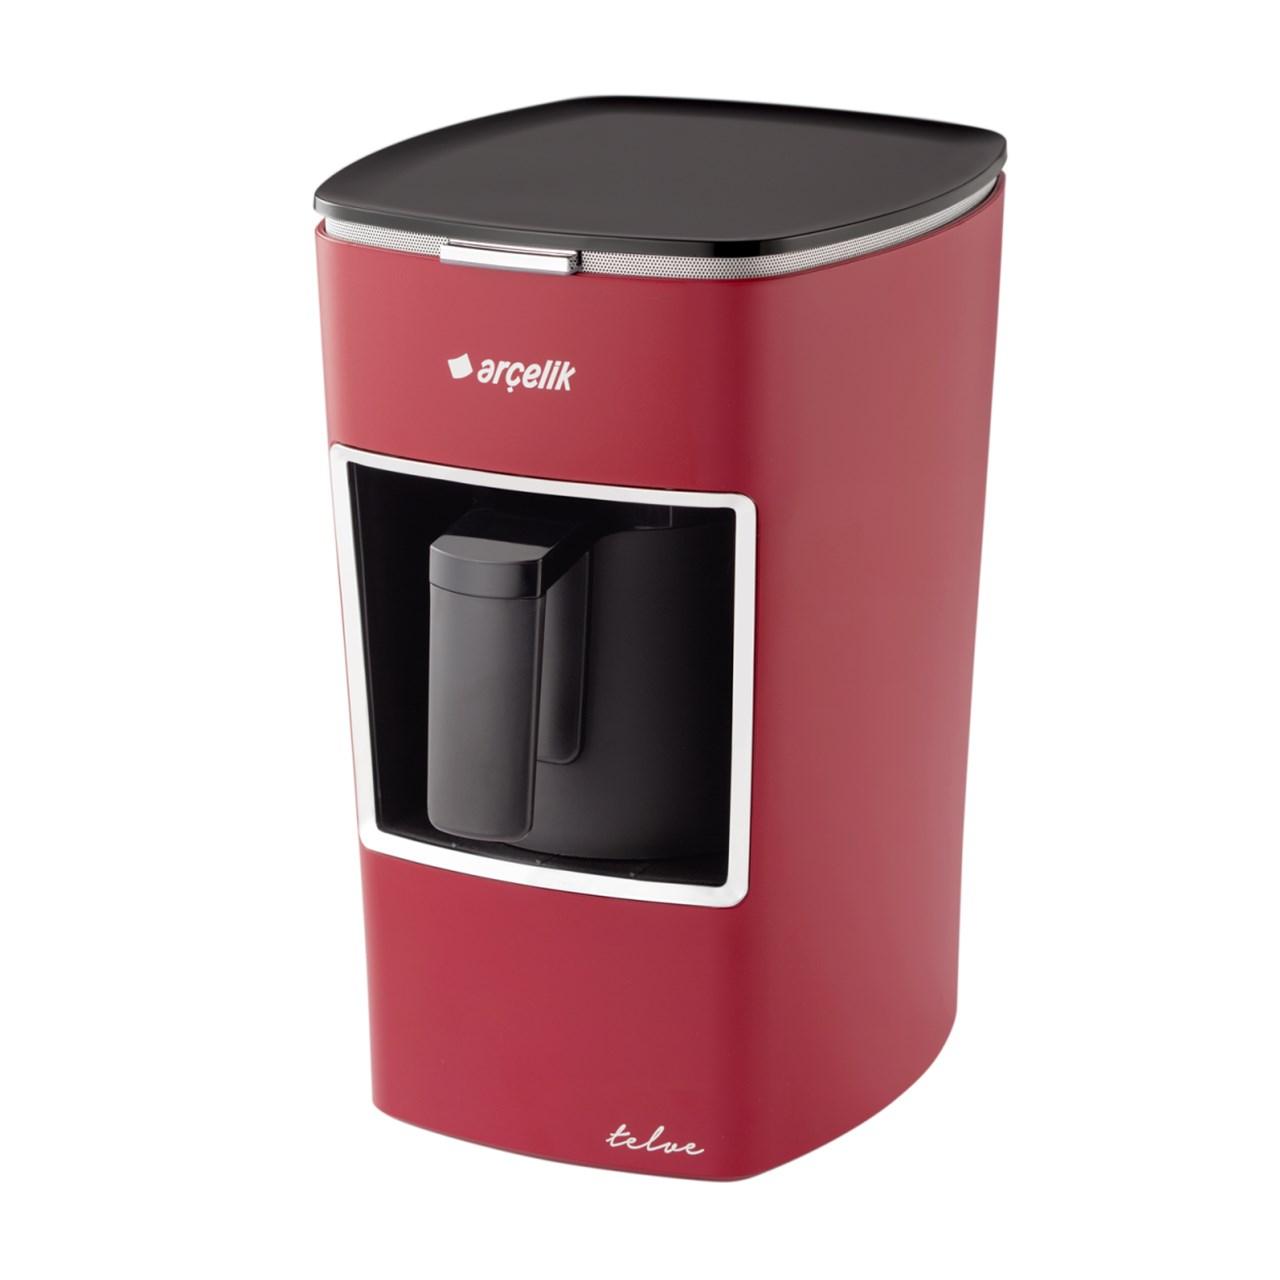 قهوه ترک ساز آرچلیک مدل K 3300